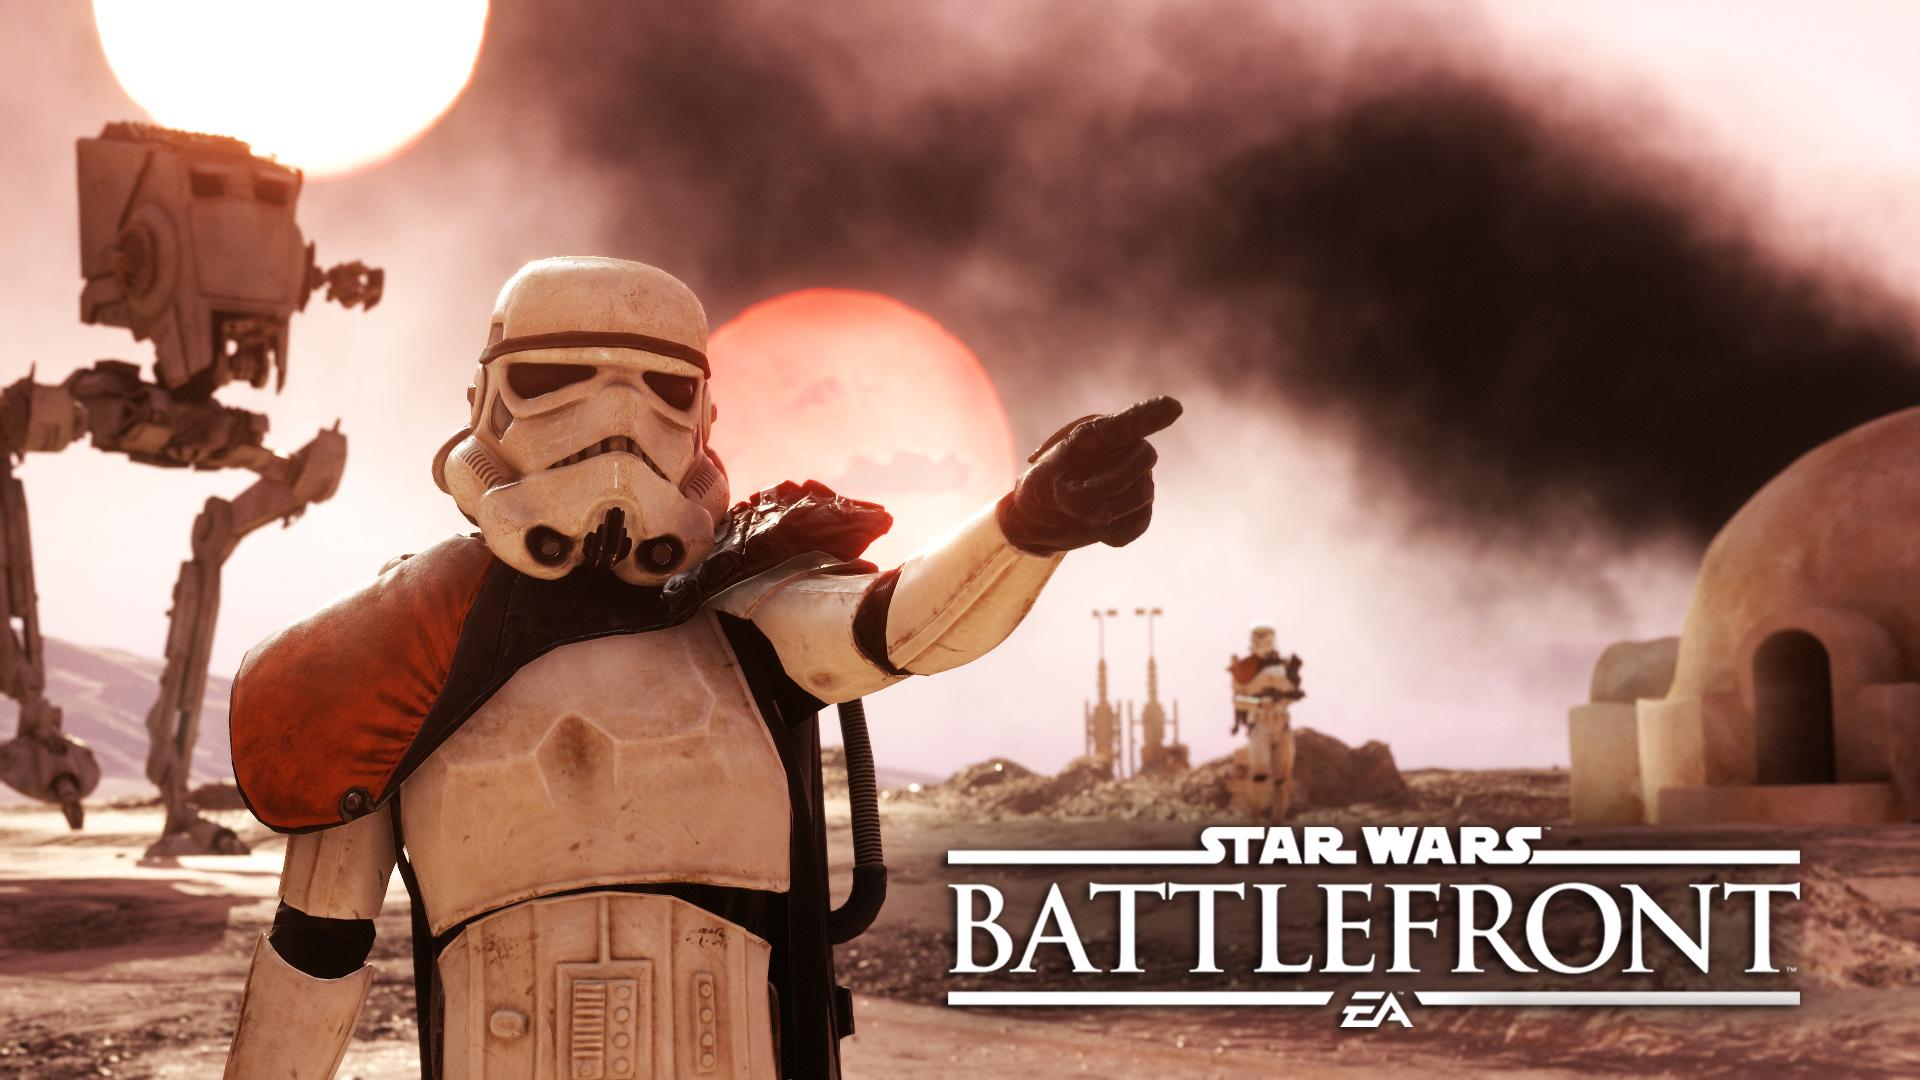 Star Wars Battlefront Feeds Off Our Nostalgia